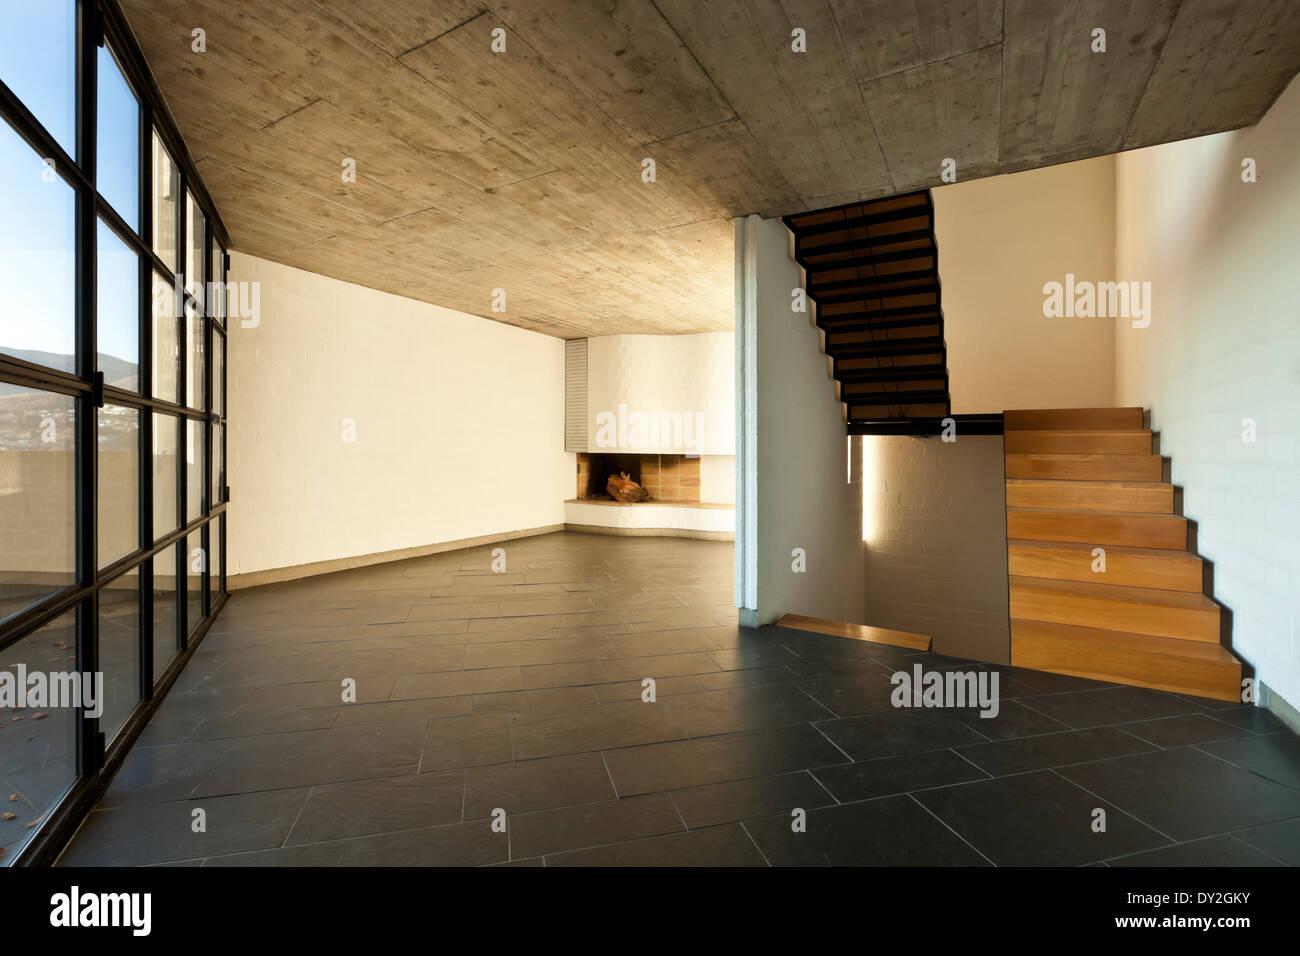 Innen Moderne Villa, Holztreppe In Einem Wohnzimmer